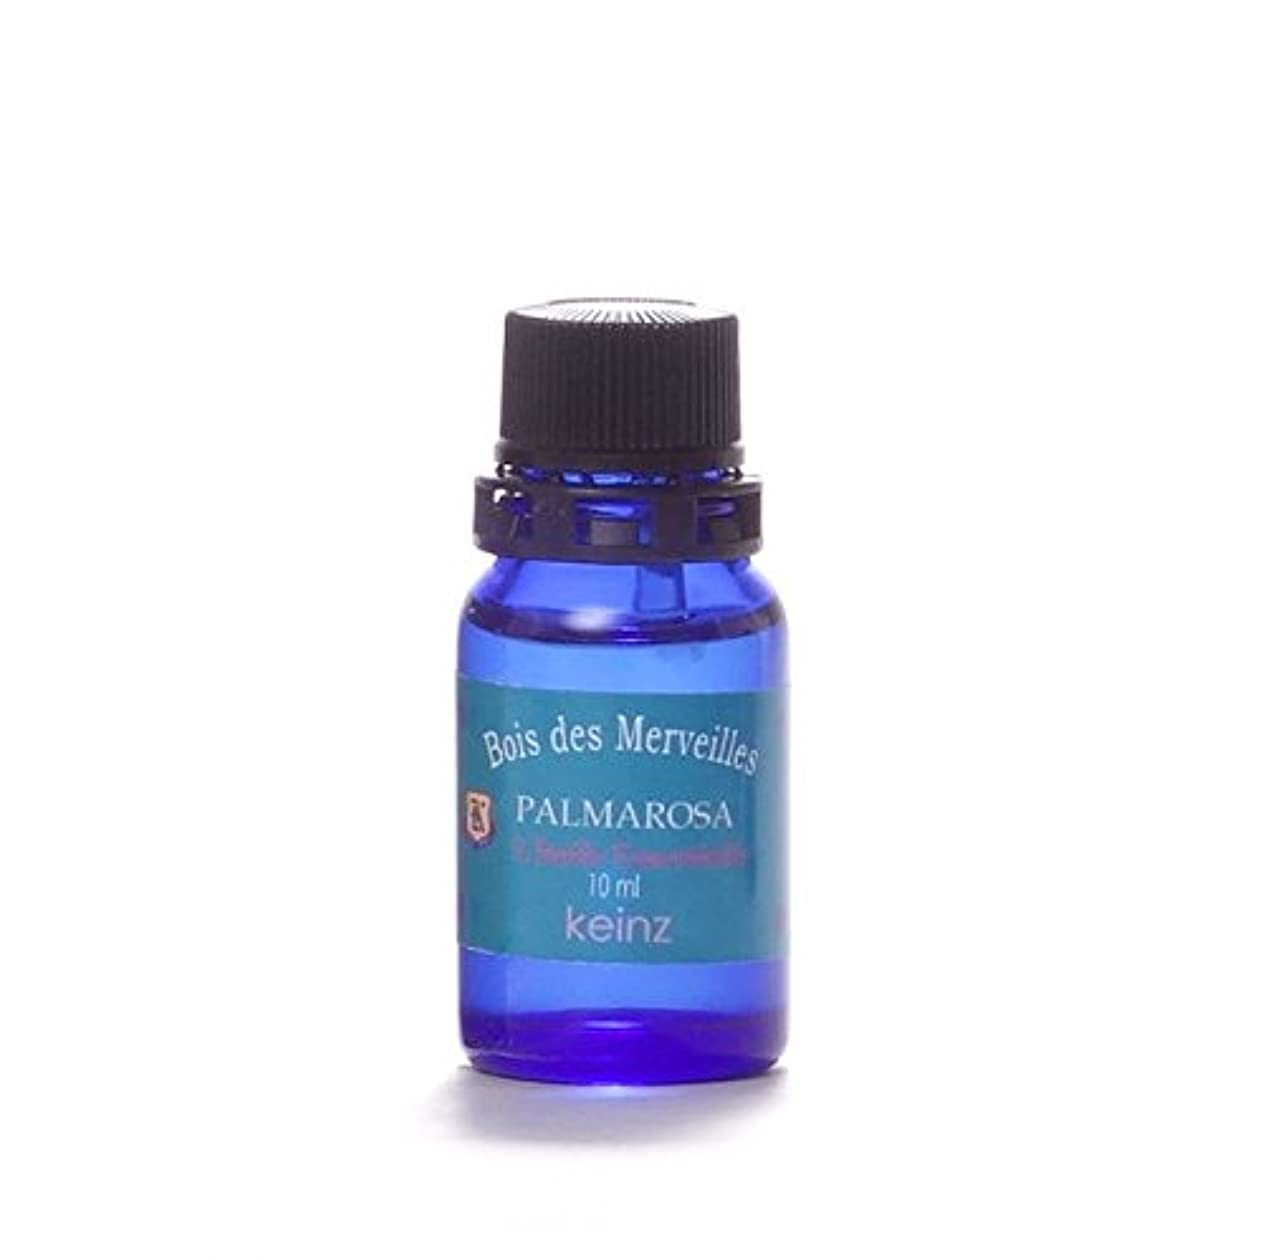 効率ほのかシンポジウムkeinzエッセンシャルオイル「パルマローザ10ml」 ケインズ正規品 製造国アメリカ 完全無添加 人工香料は使っていません。